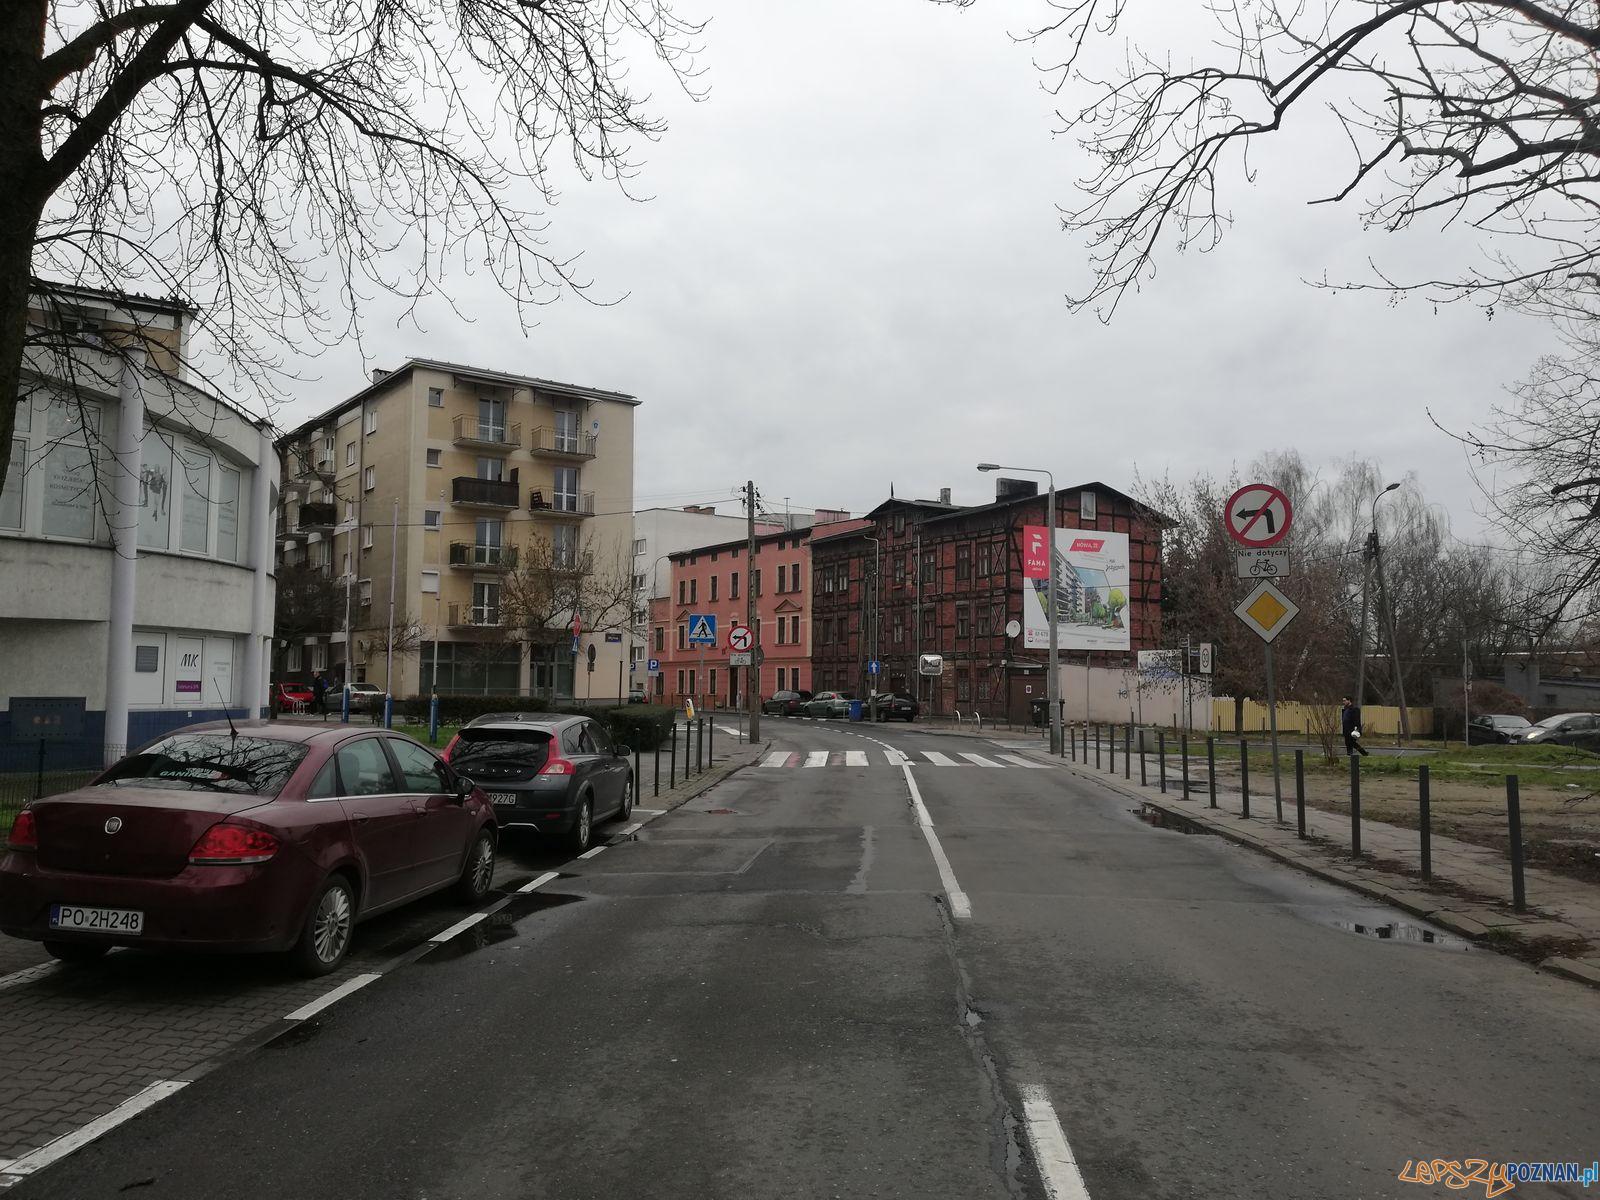 Kamienica szachulcowa, ul. Jeżycka  Foto: Tomasz Dworek